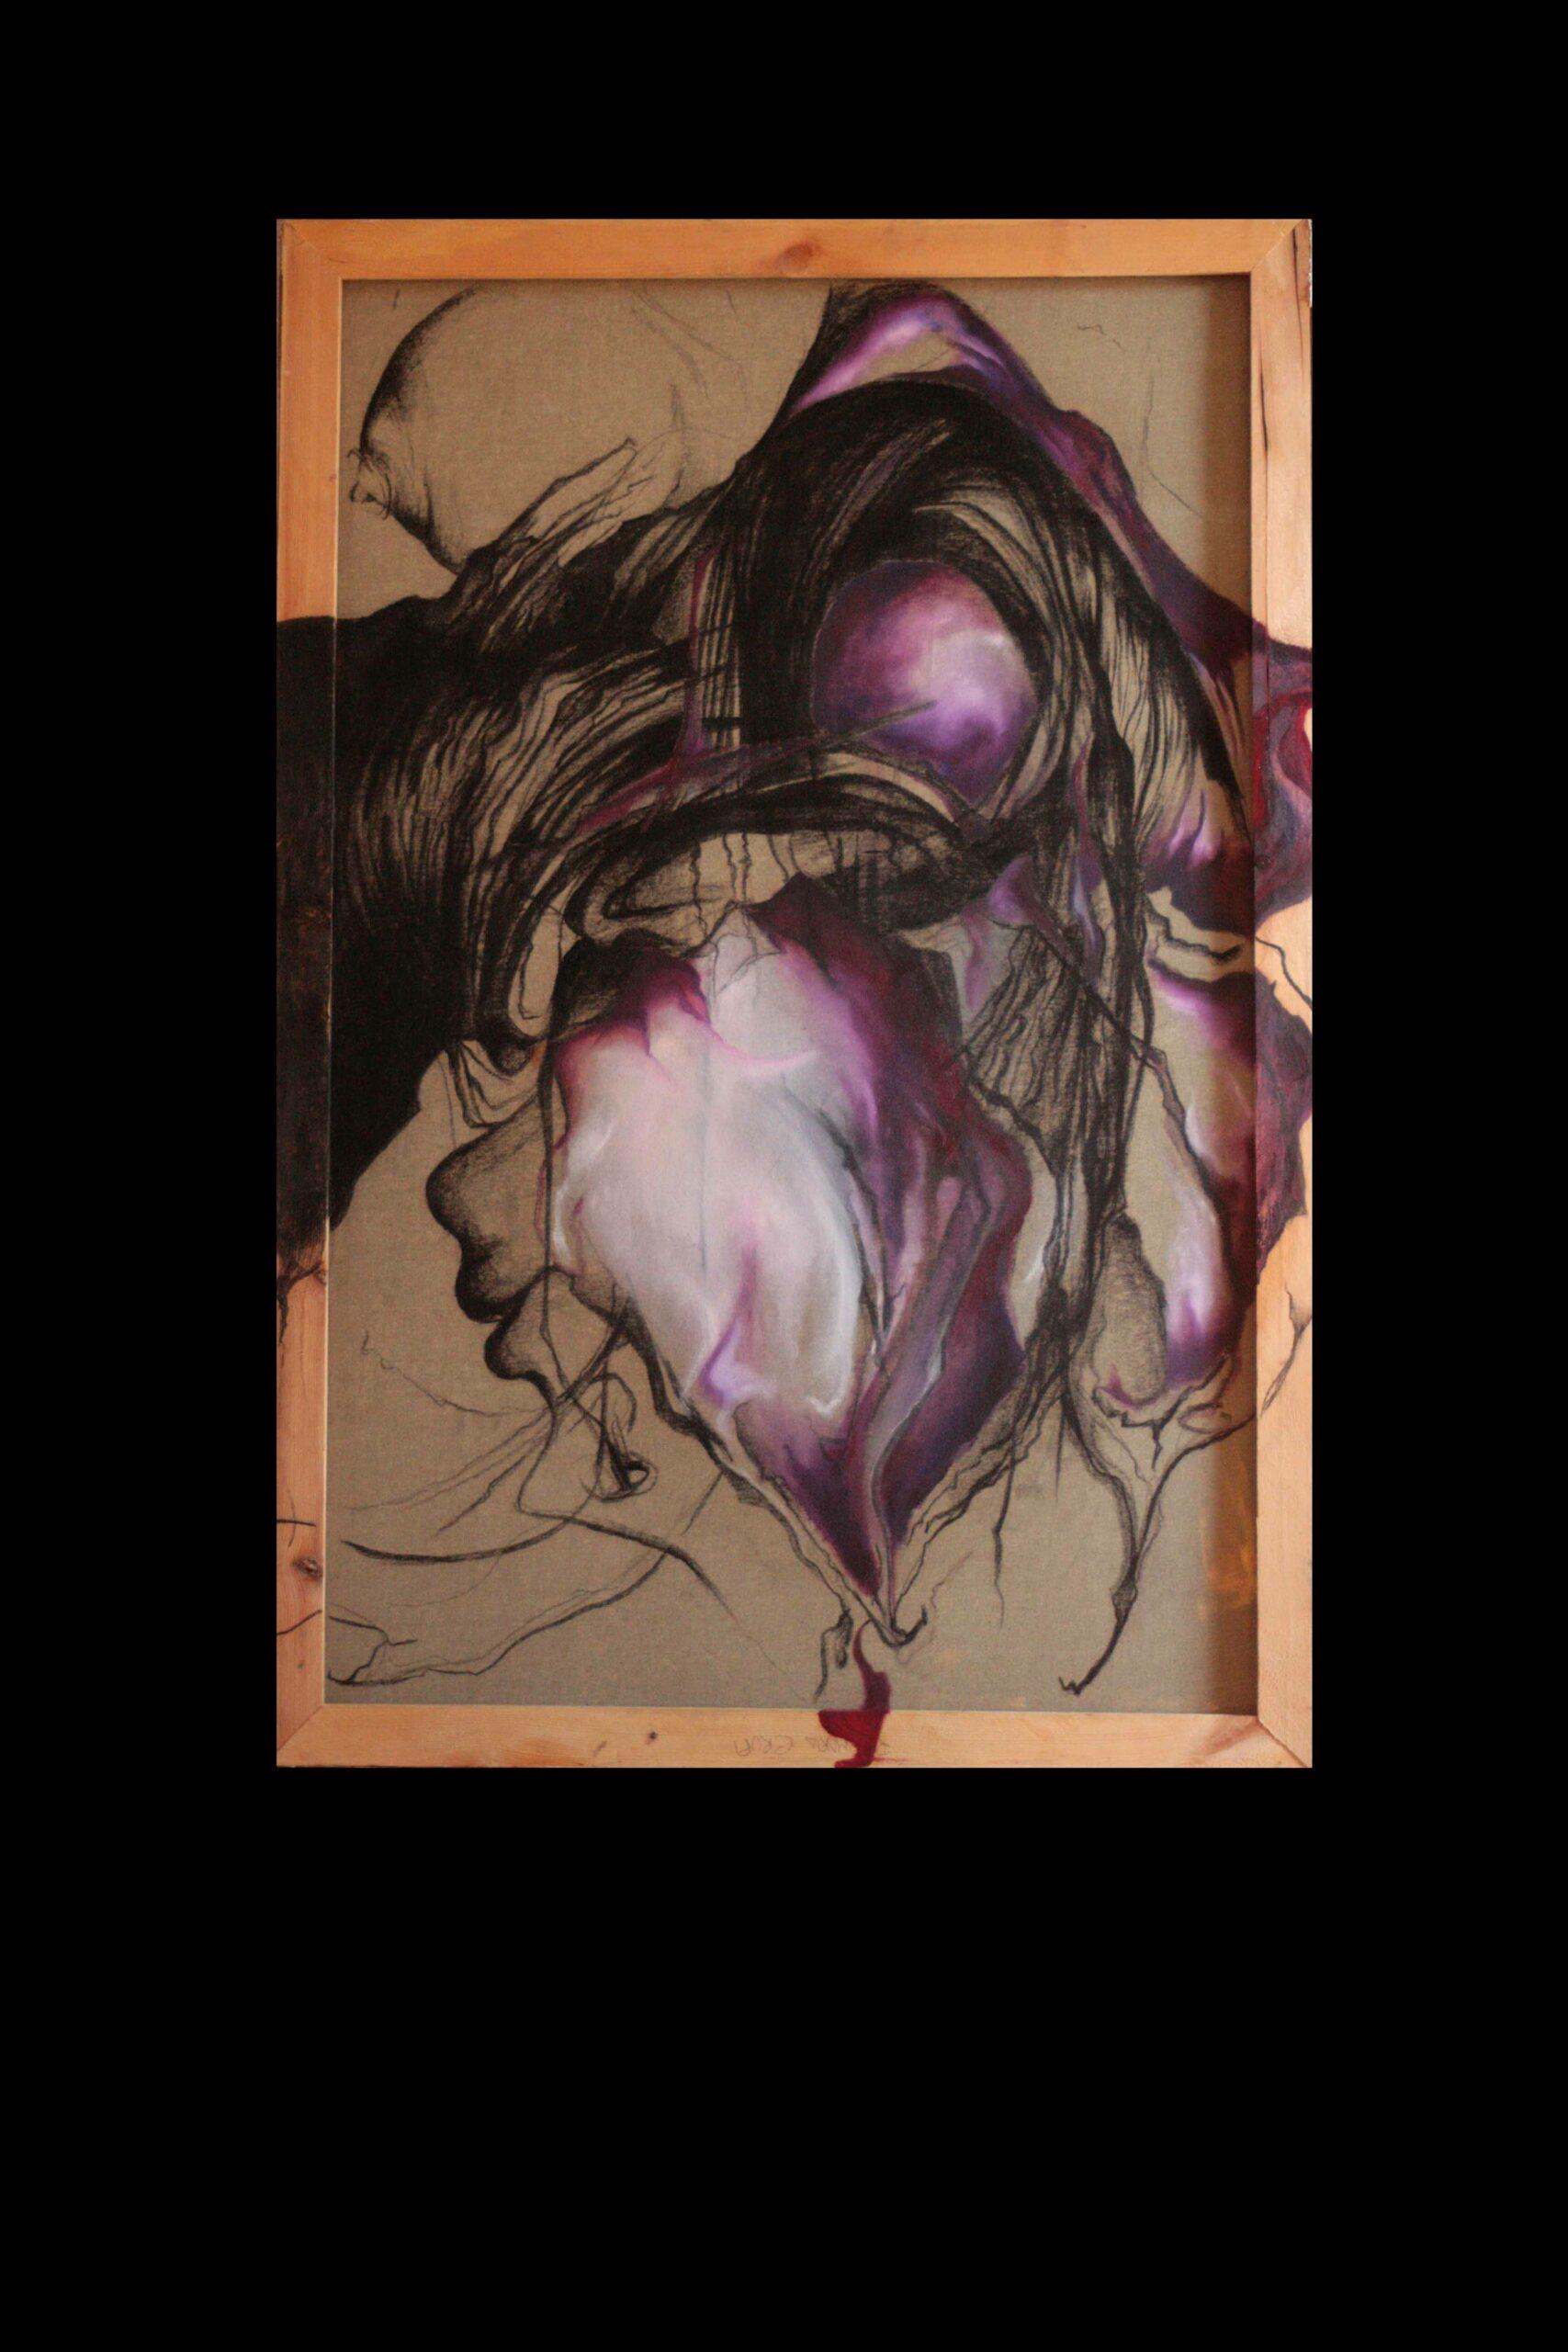 """CRUPI ROSAMARIA: """"Giglio"""" TECNICA: mista su tela DIMENSIONI: 100x70 Una rosa legata, tesa tra due fili rossi, gravida del suo colore, dell'abbondanza dei suoi petali sbocciati, è espressione dell'abbondanza e del donarsi della natura. Rosa arcaica, eterna è in continua mutazione emblema dell'amore, la natura che si dona e permette la vita. In questo caso il fiore d'amore non riesce a manifestarsi completamente, è colma d'amore ma questo viene negato, una storia """"sbagliata"""" che non può essere vissuta, negata nel suo sbocciare."""